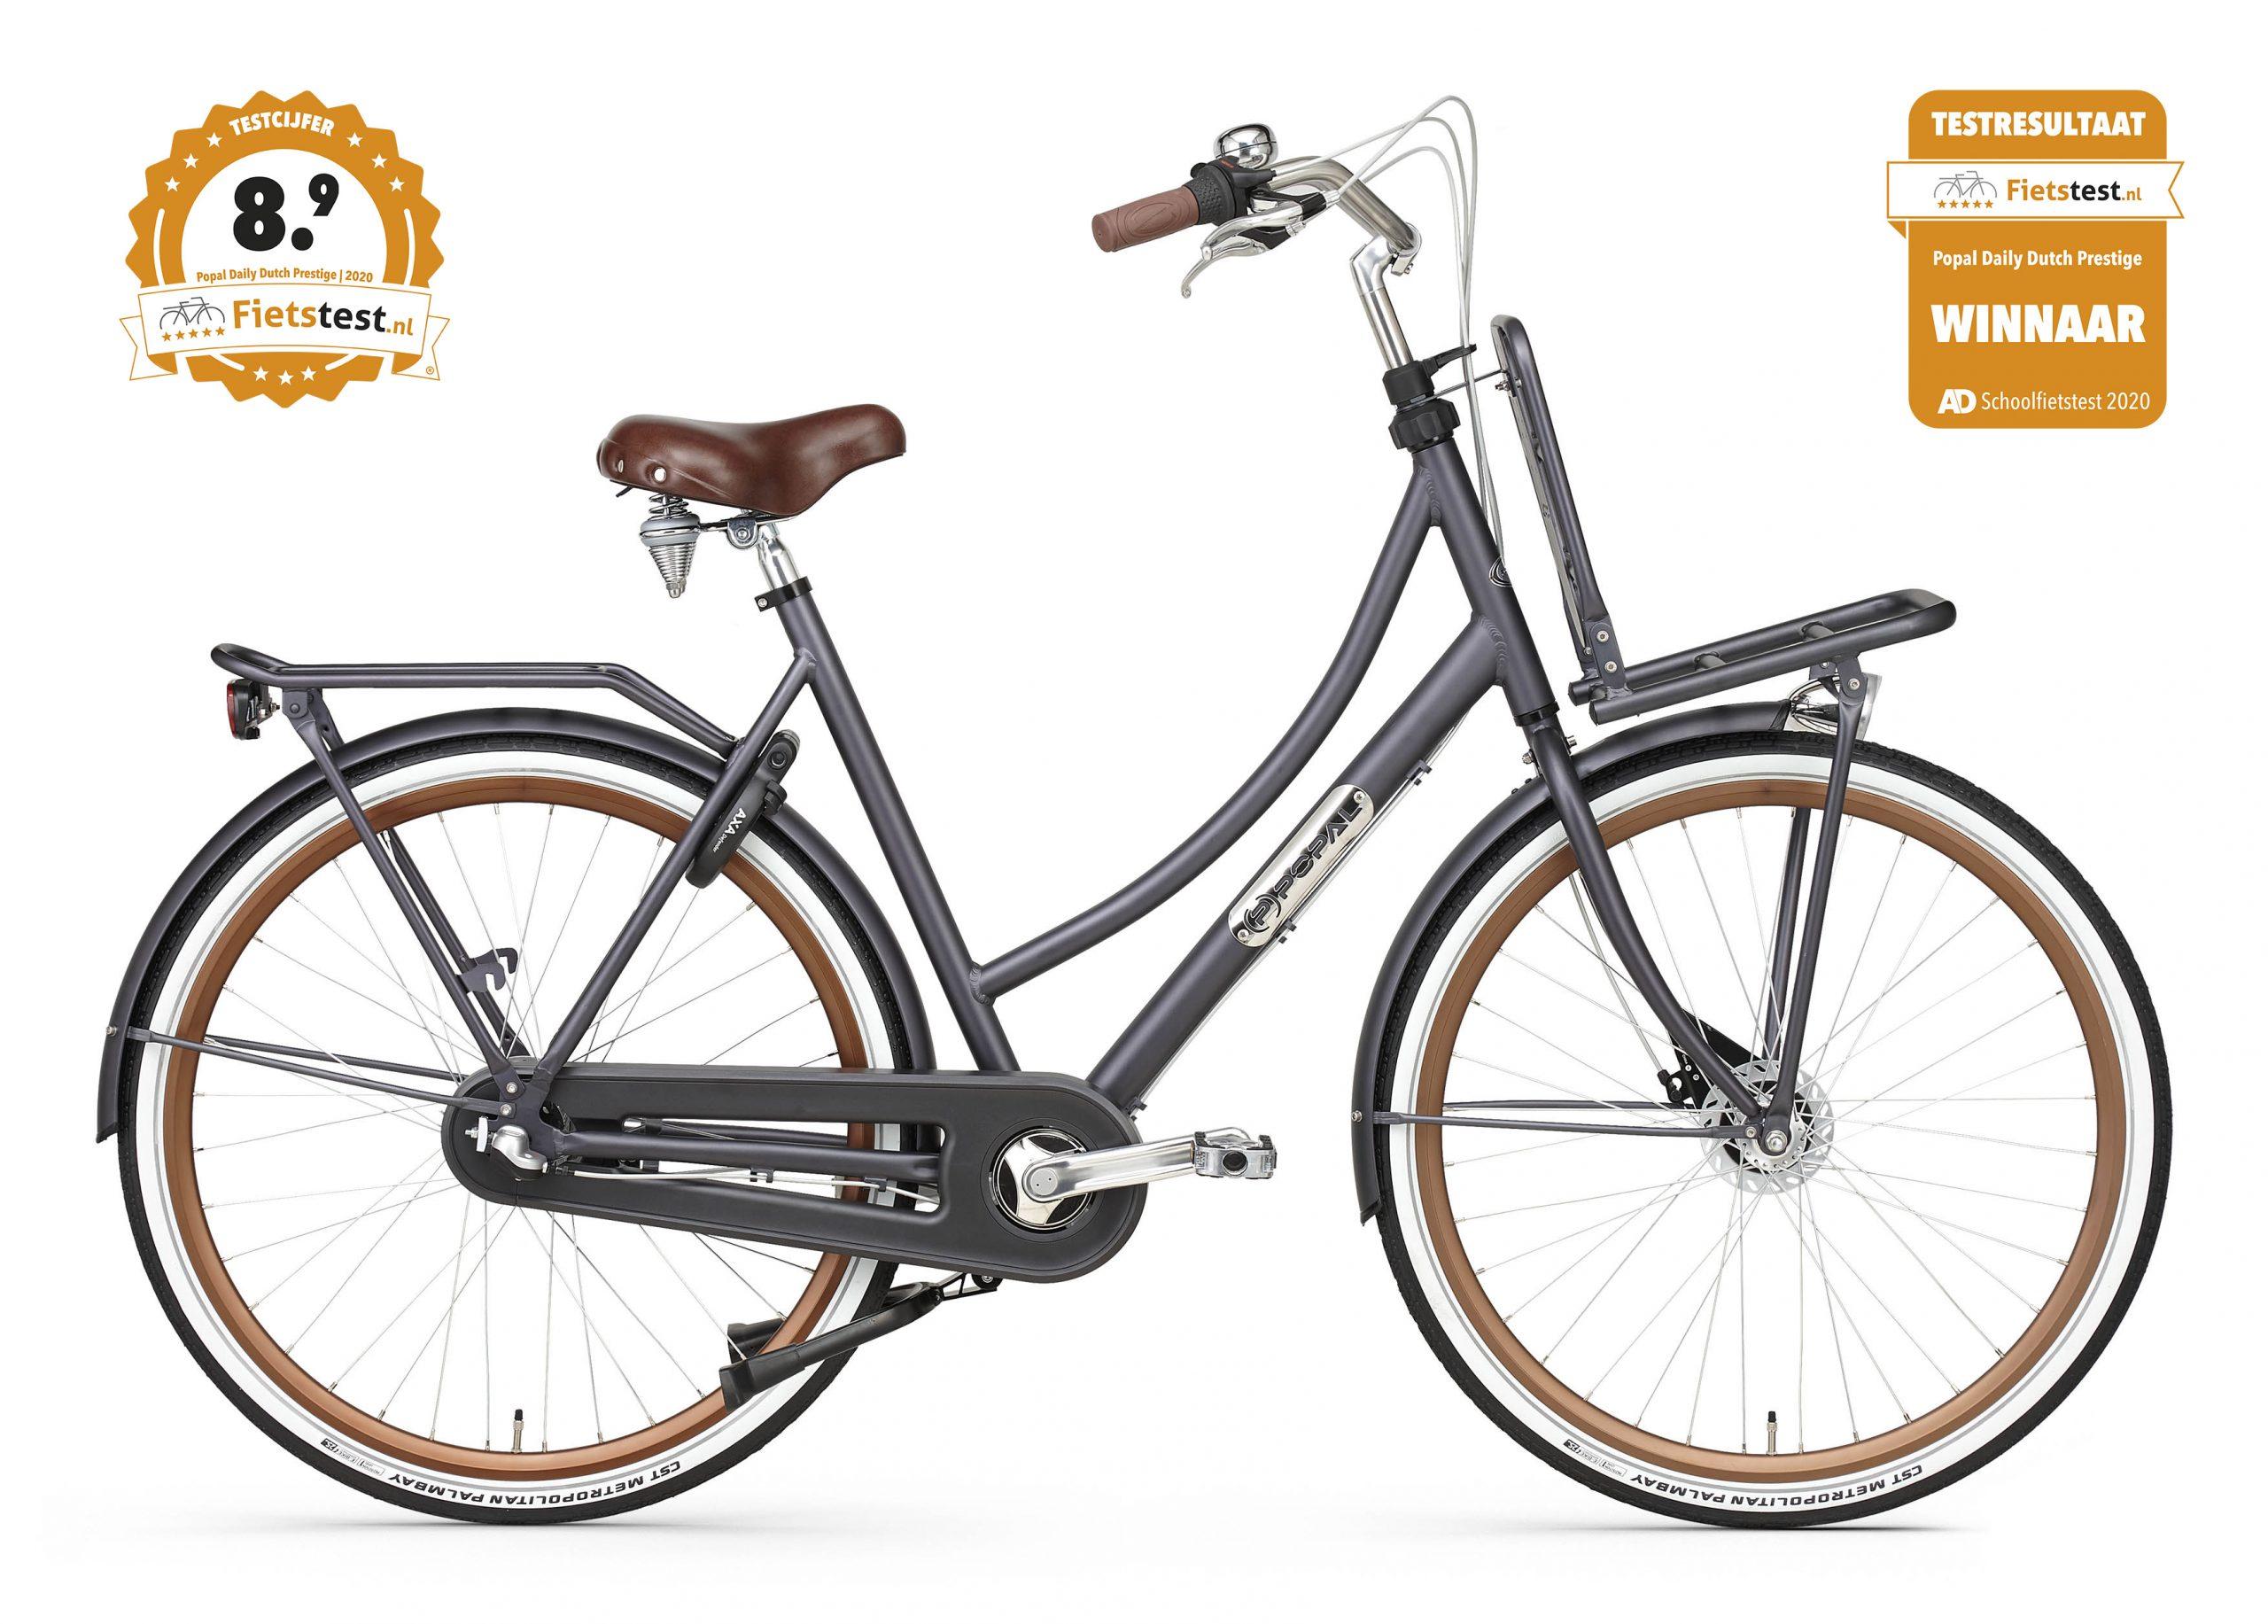 Daily Dutch Prestige N7 RB ND :: Petrol Blauw :: 28 inch / 50 cm